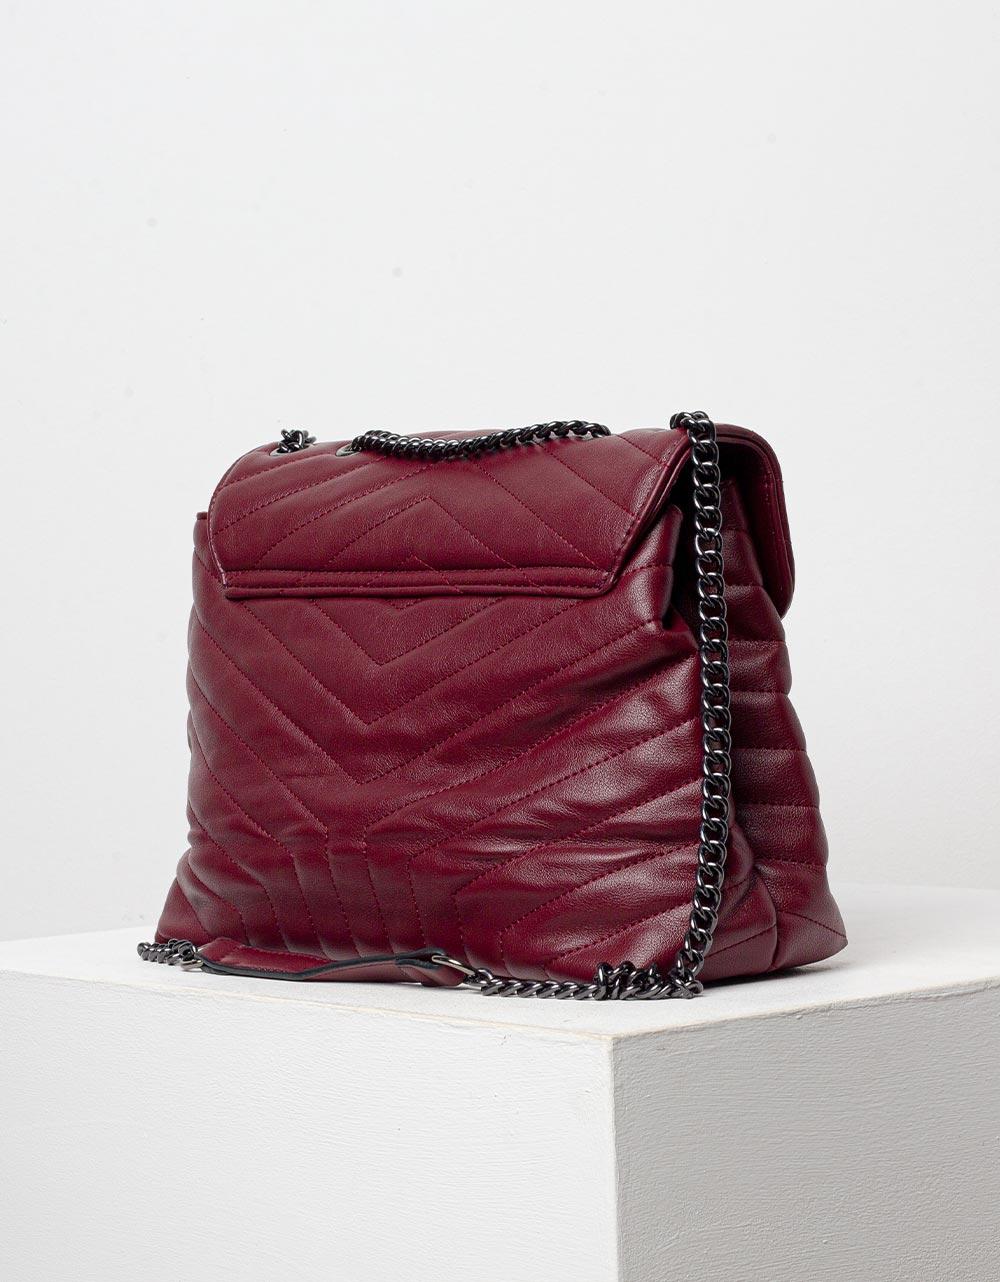 Εικόνα από Γυναικεία τσάντα ώμου με διακοσμητικό αστέρι Μπορντώ